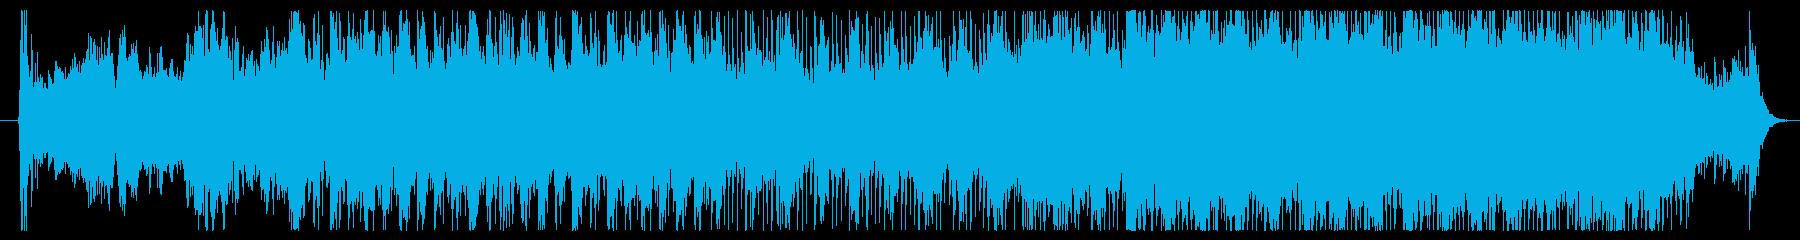 ヴァイオリンを使用した映画音楽です。の再生済みの波形